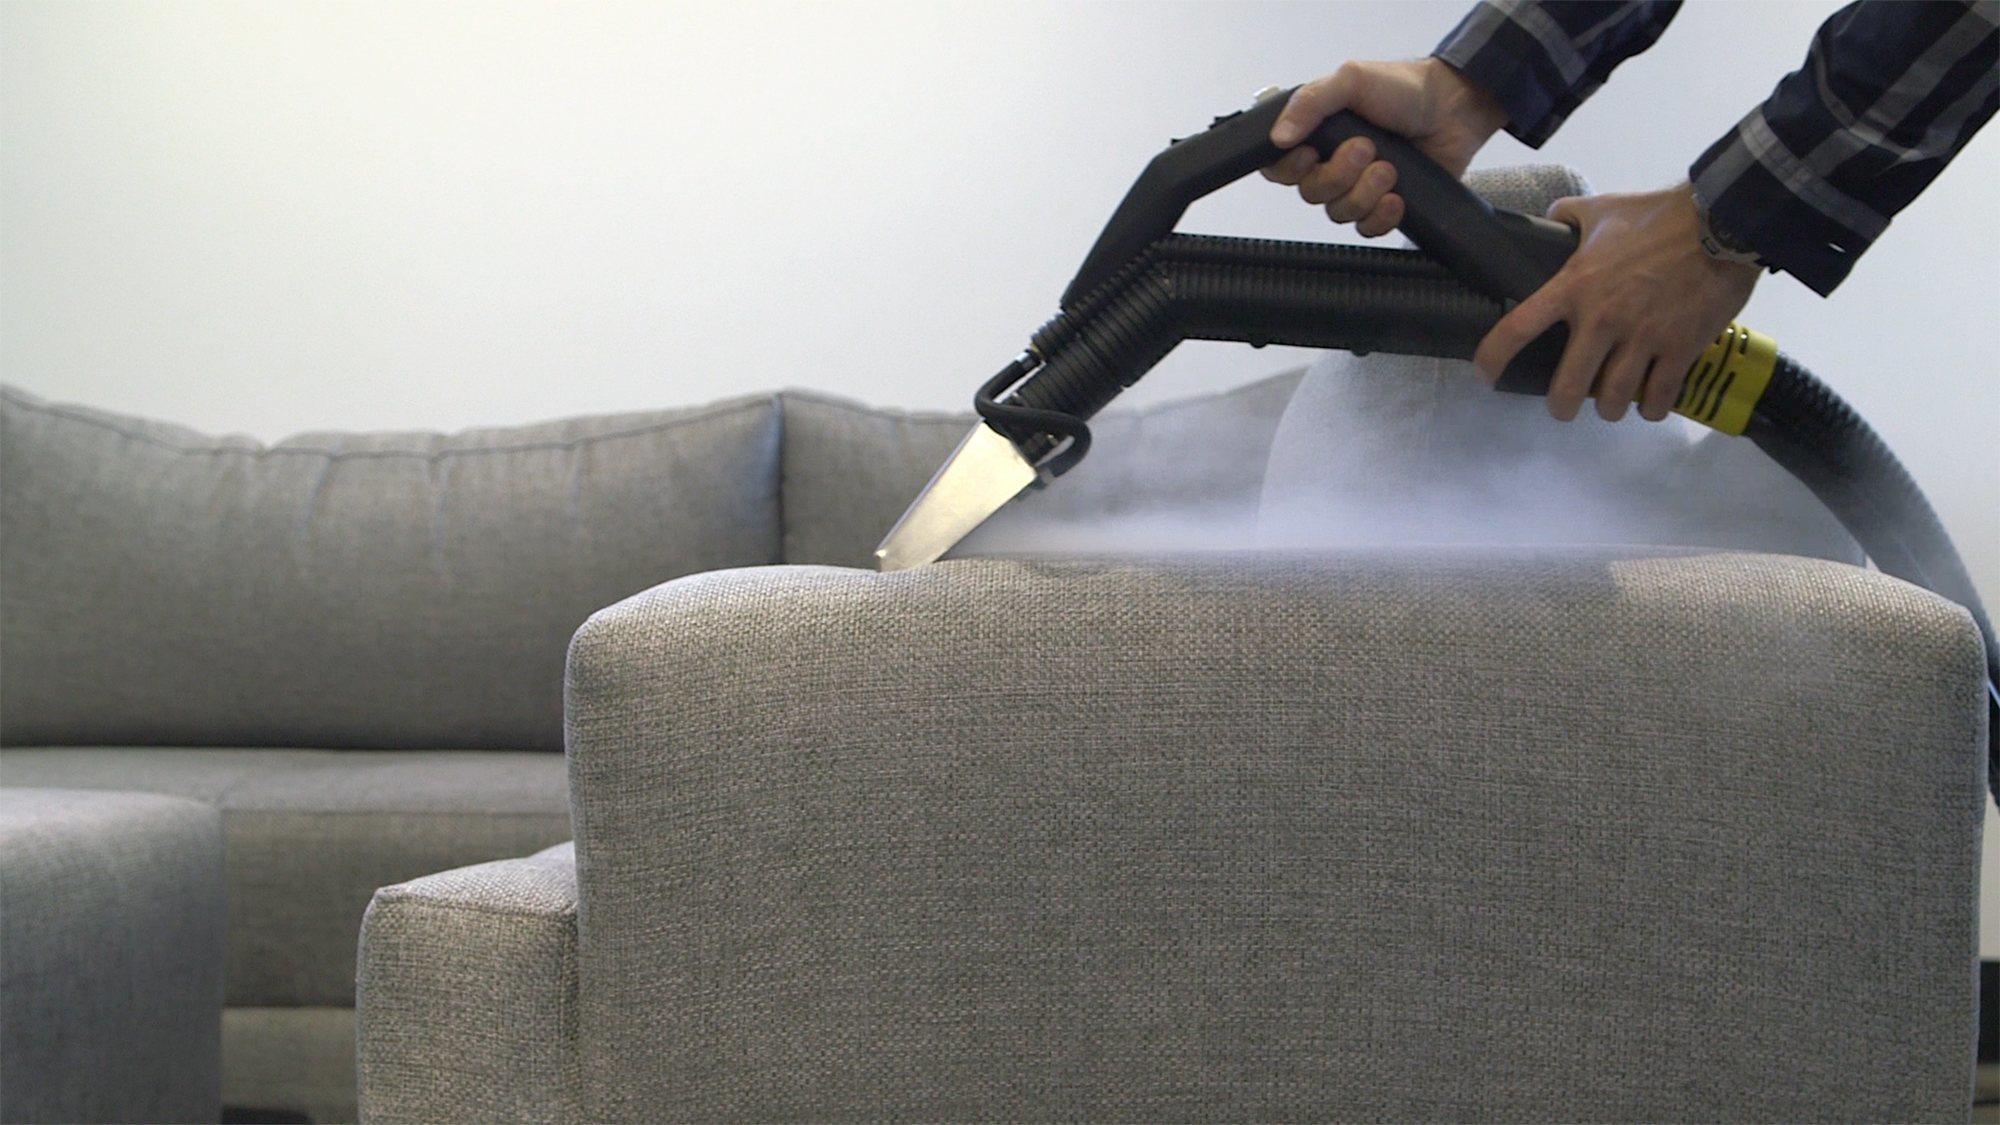 Stoomreiniger Voor Tapijt : Meubelstomerij voor meubels gordijnen en matrassen